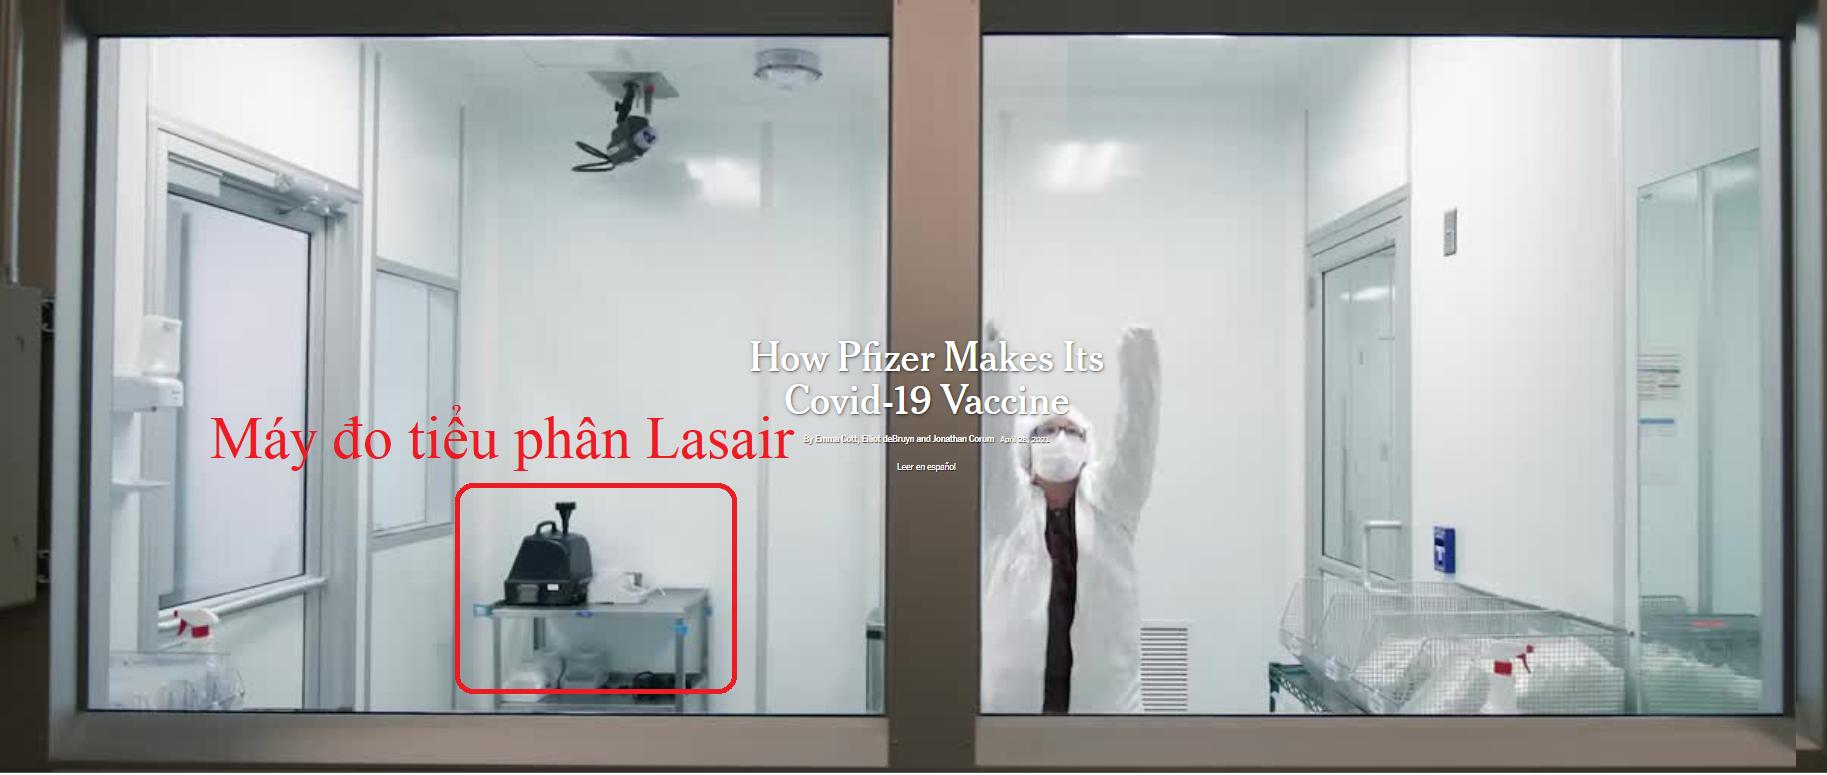 Dòng máy Lasair III có mặt tại phòng sạch  Pfizer trong quá trình sản xuất vaccine cho toàn thế giới .